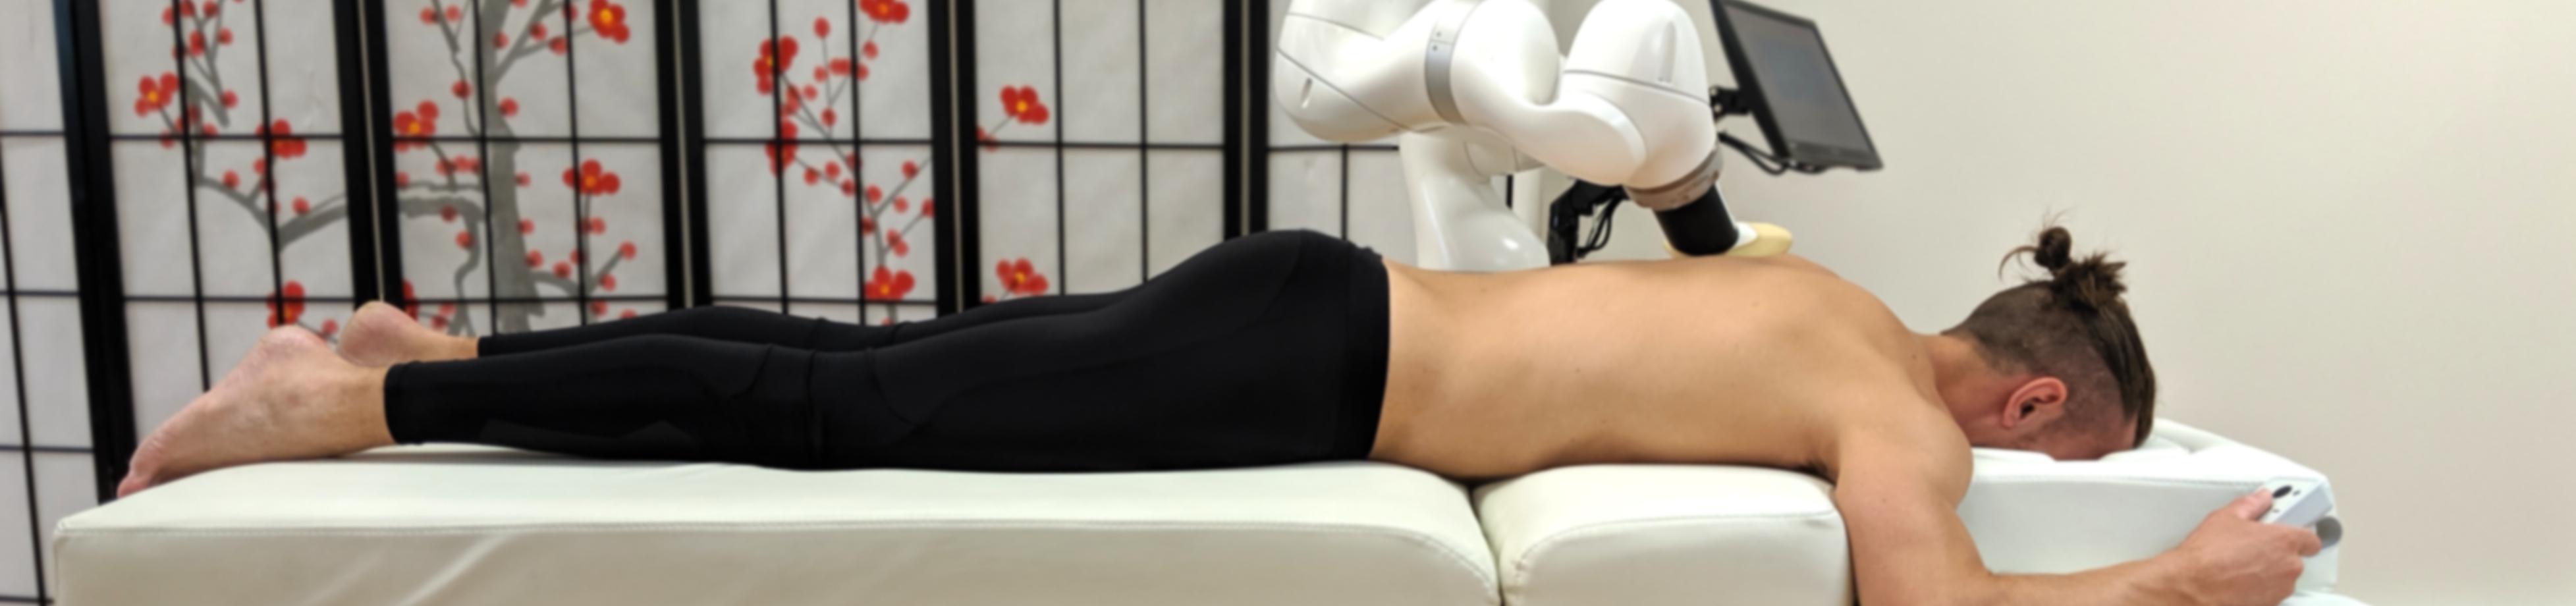 <b>Expérimentation de Capsix Robotics</b> auprès de la Clinique du Parc à Lyon | Groupe APICIL